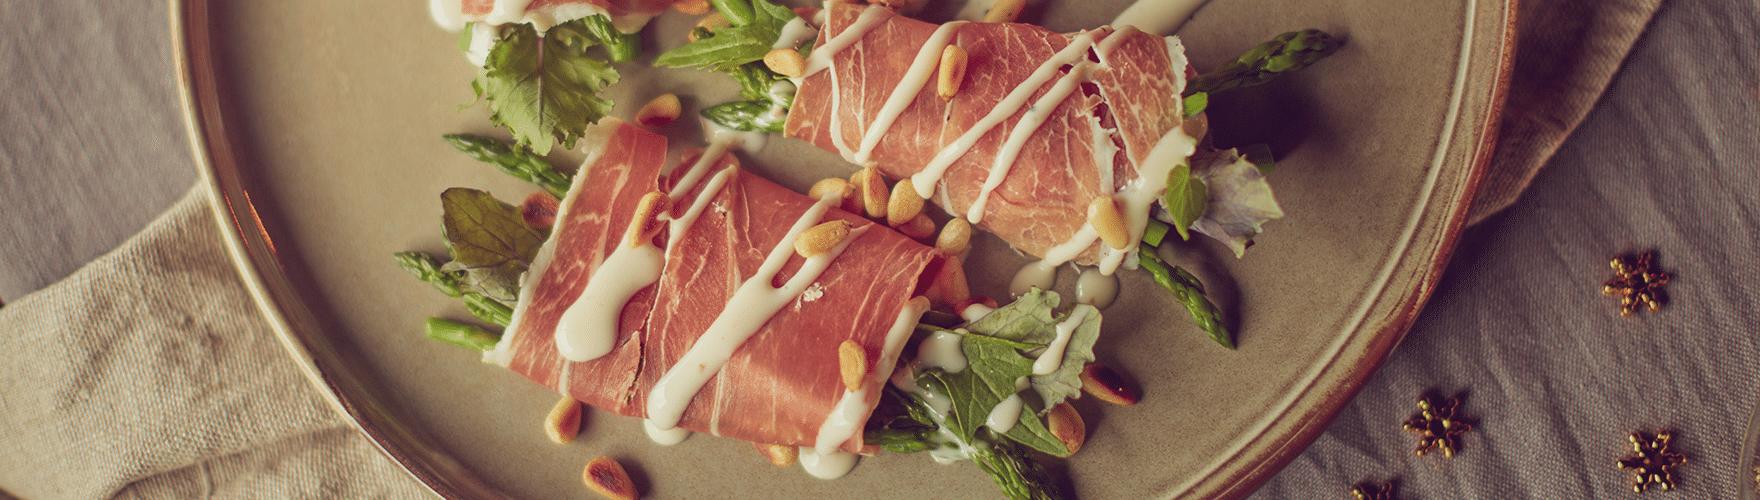 Parmaham met aspergetips en een dressing van truffelkaas